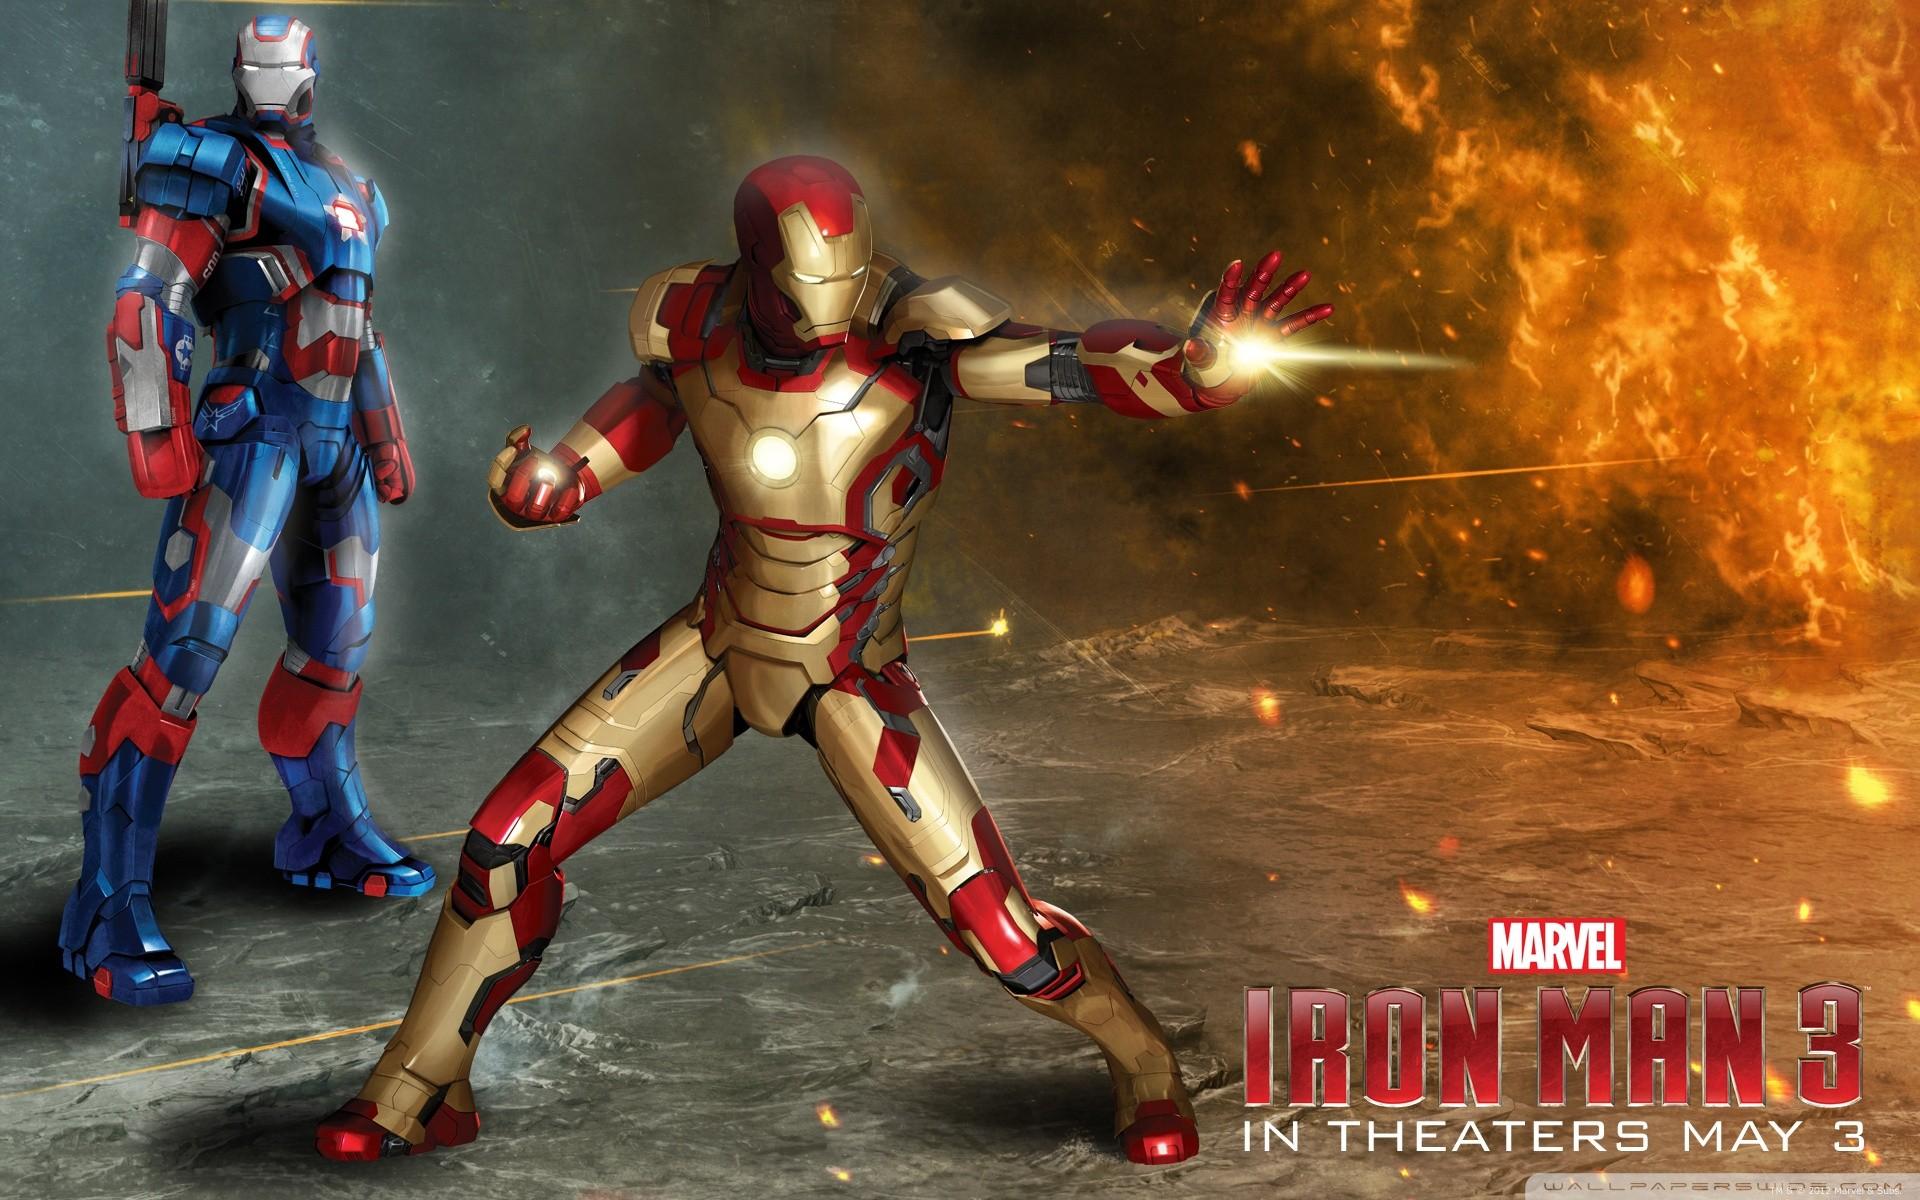 Wallpaper 1920x1200 Px Iron Man Iron Man 3 Iron Patriot